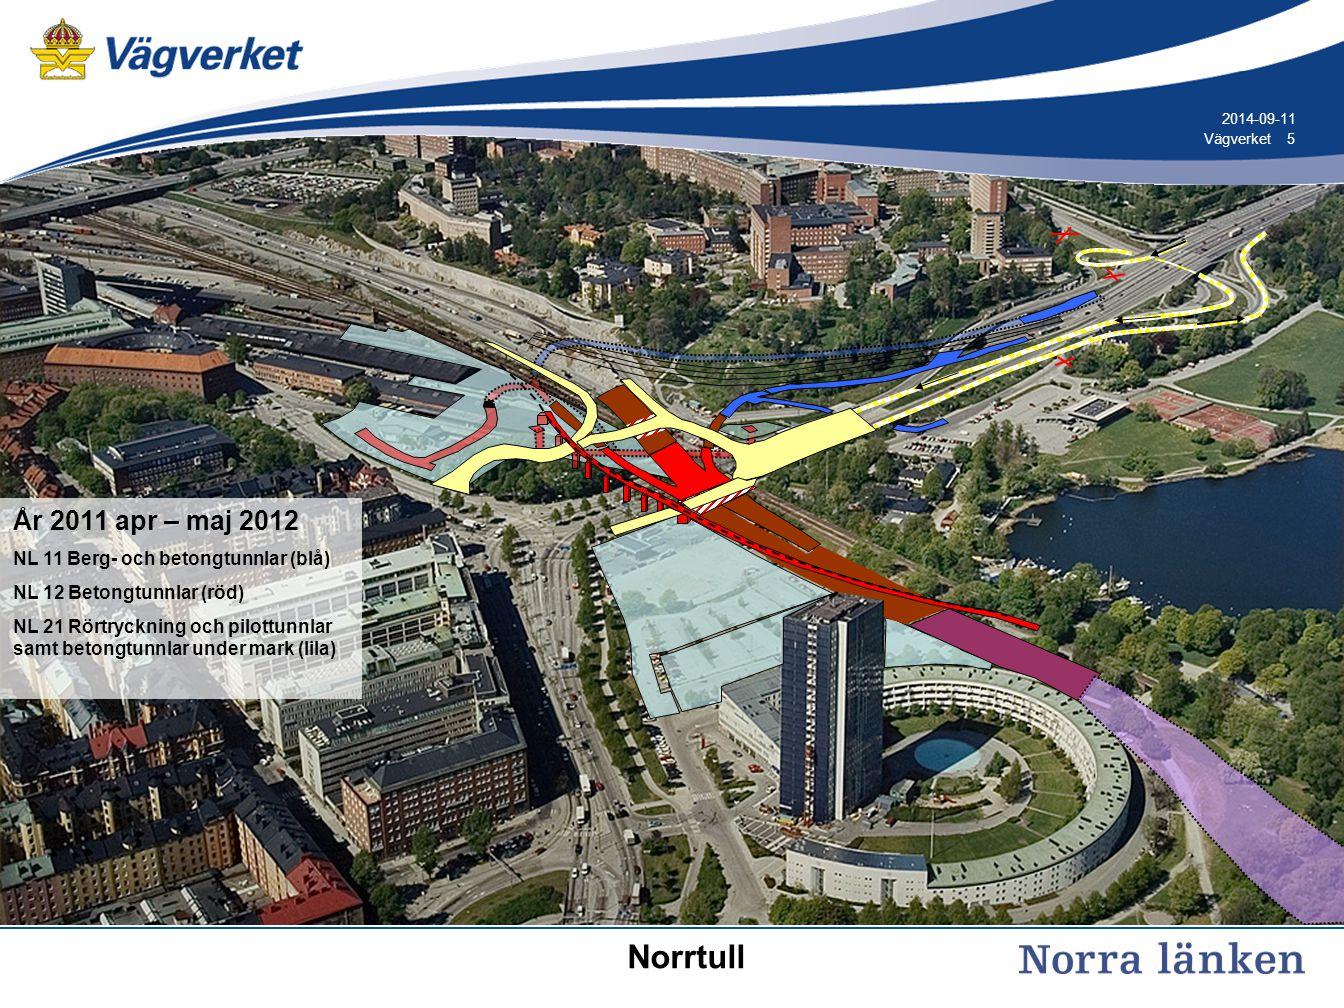 5 5Vägverket 2014-09-11 År 2011 apr – maj 2012 NL 11 Berg- och betongtunnlar (blå) NL 12 Betongtunnlar (röd) NL 21 Rörtryckning och pilottunnlar samt betongtunnlar under mark (lila) Norrtull